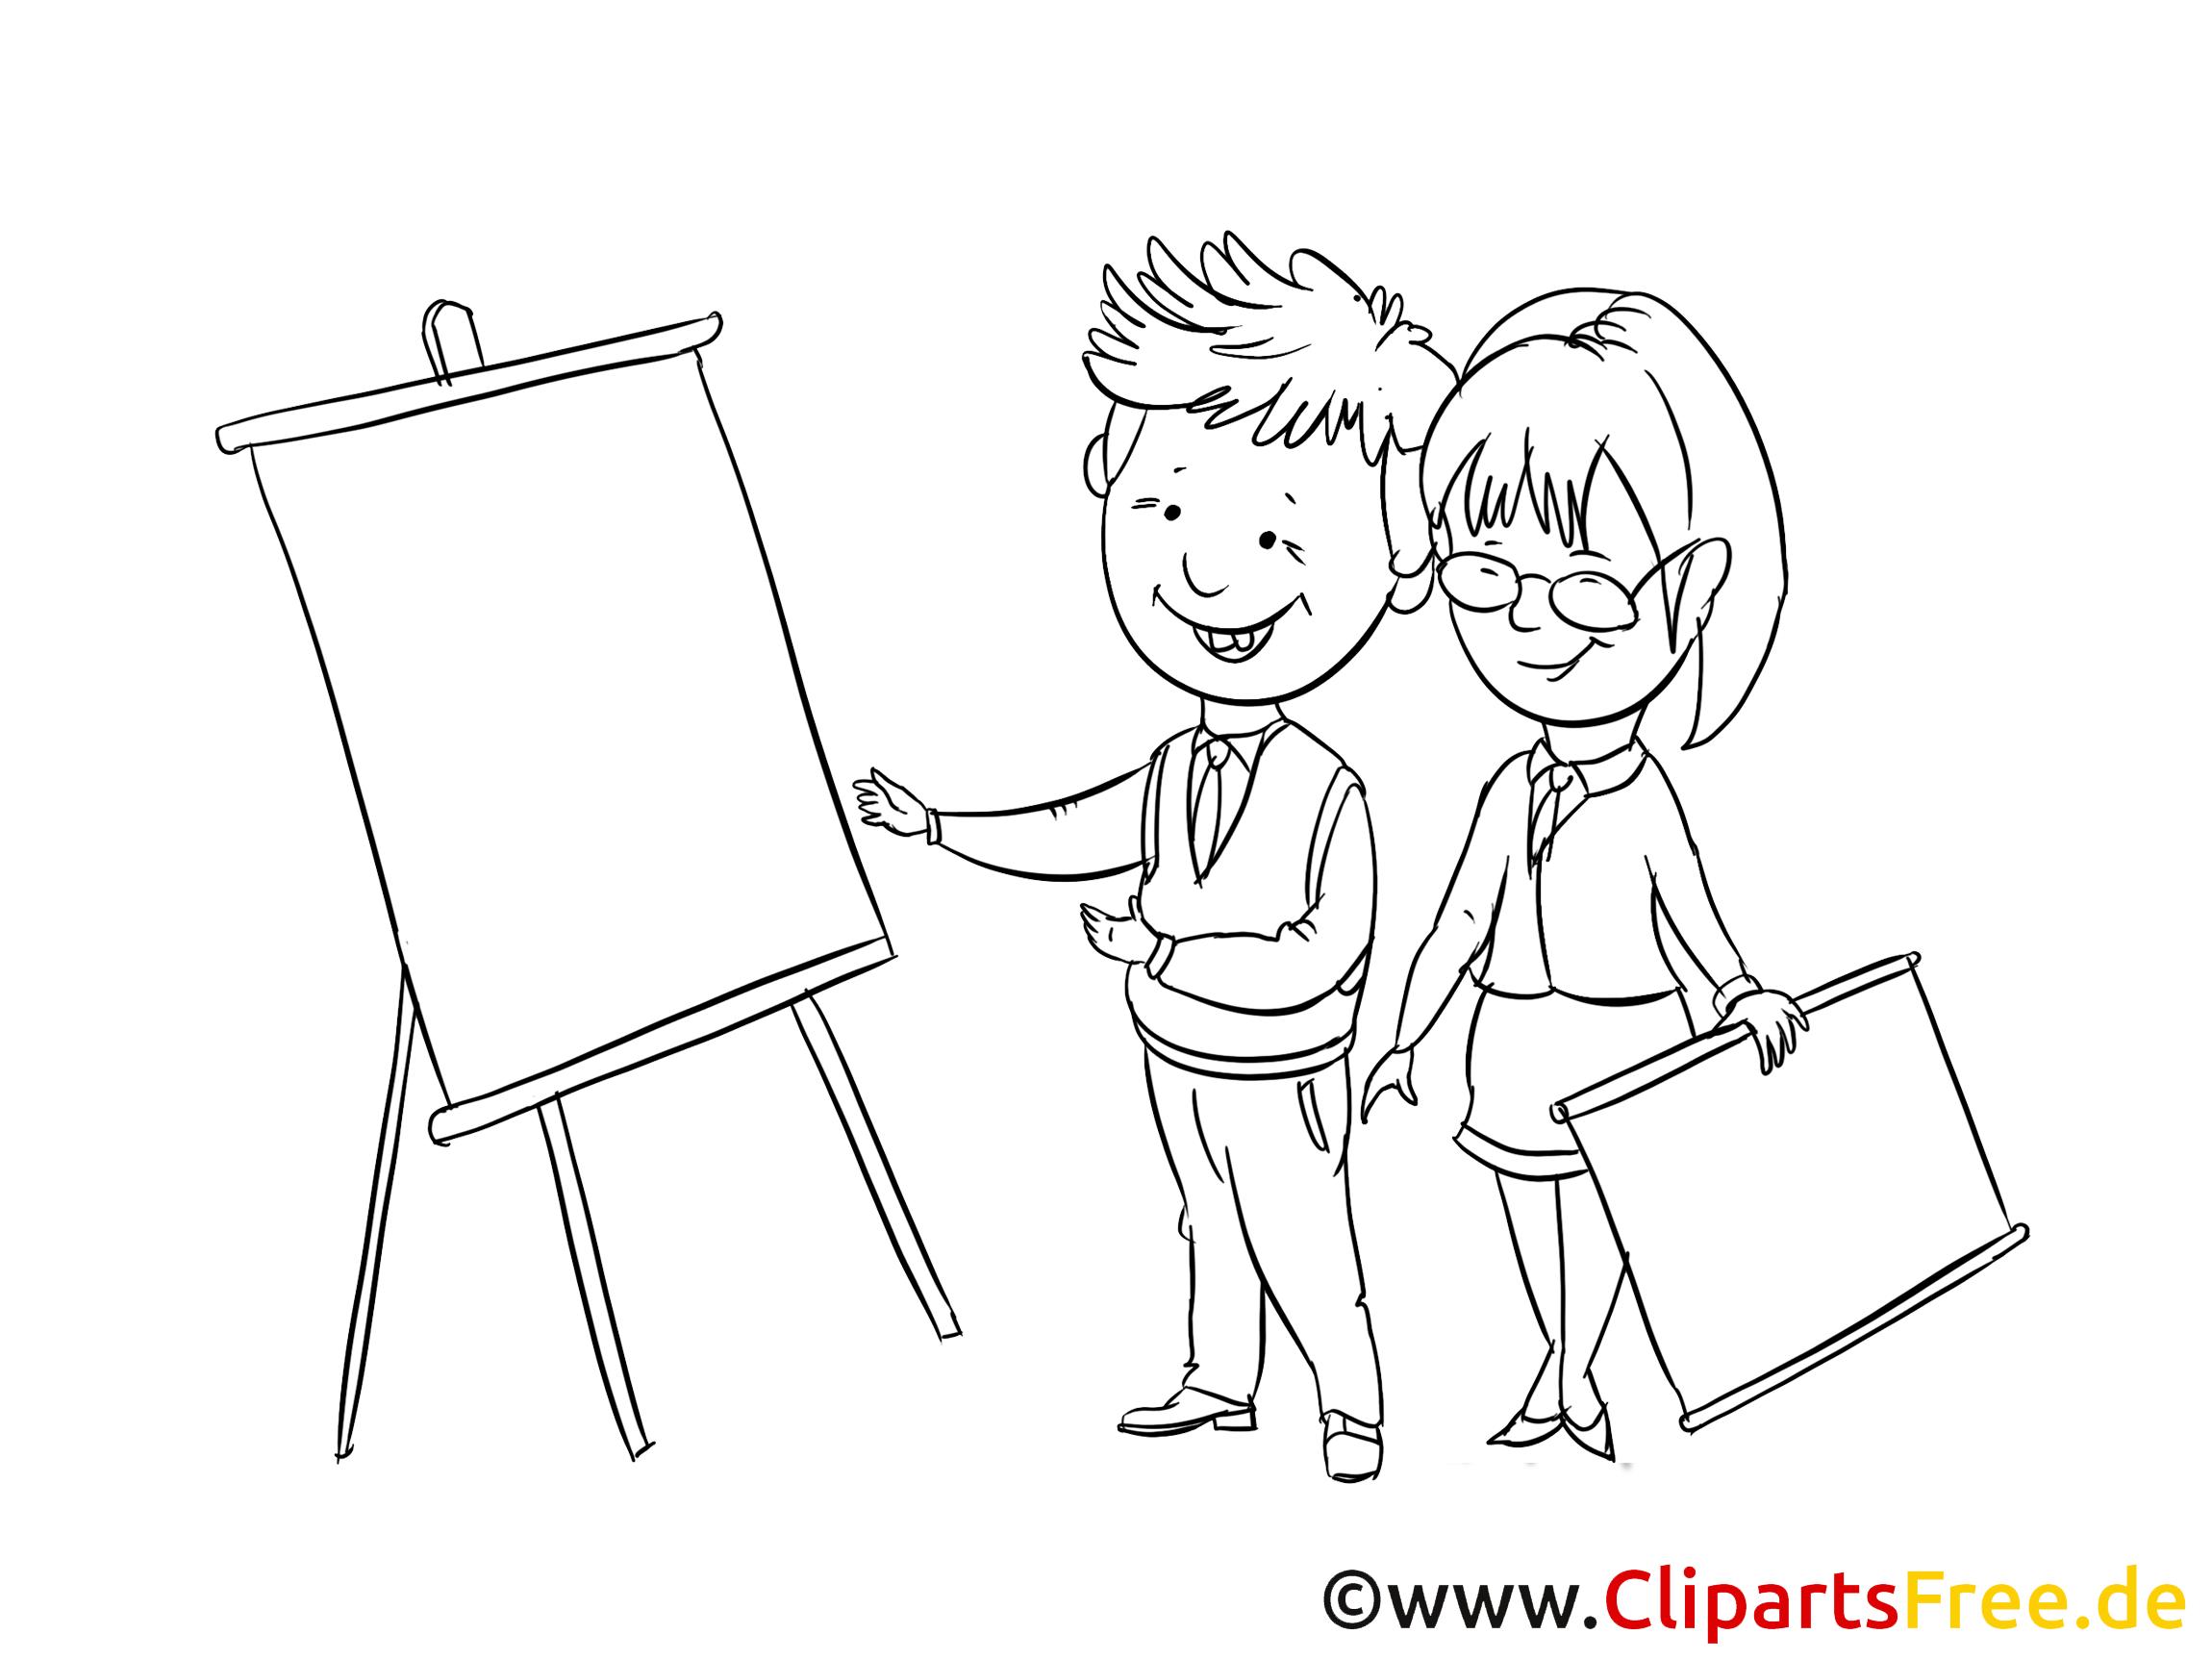 Artists Clipart, Bild, Zeichnung, Cartoon